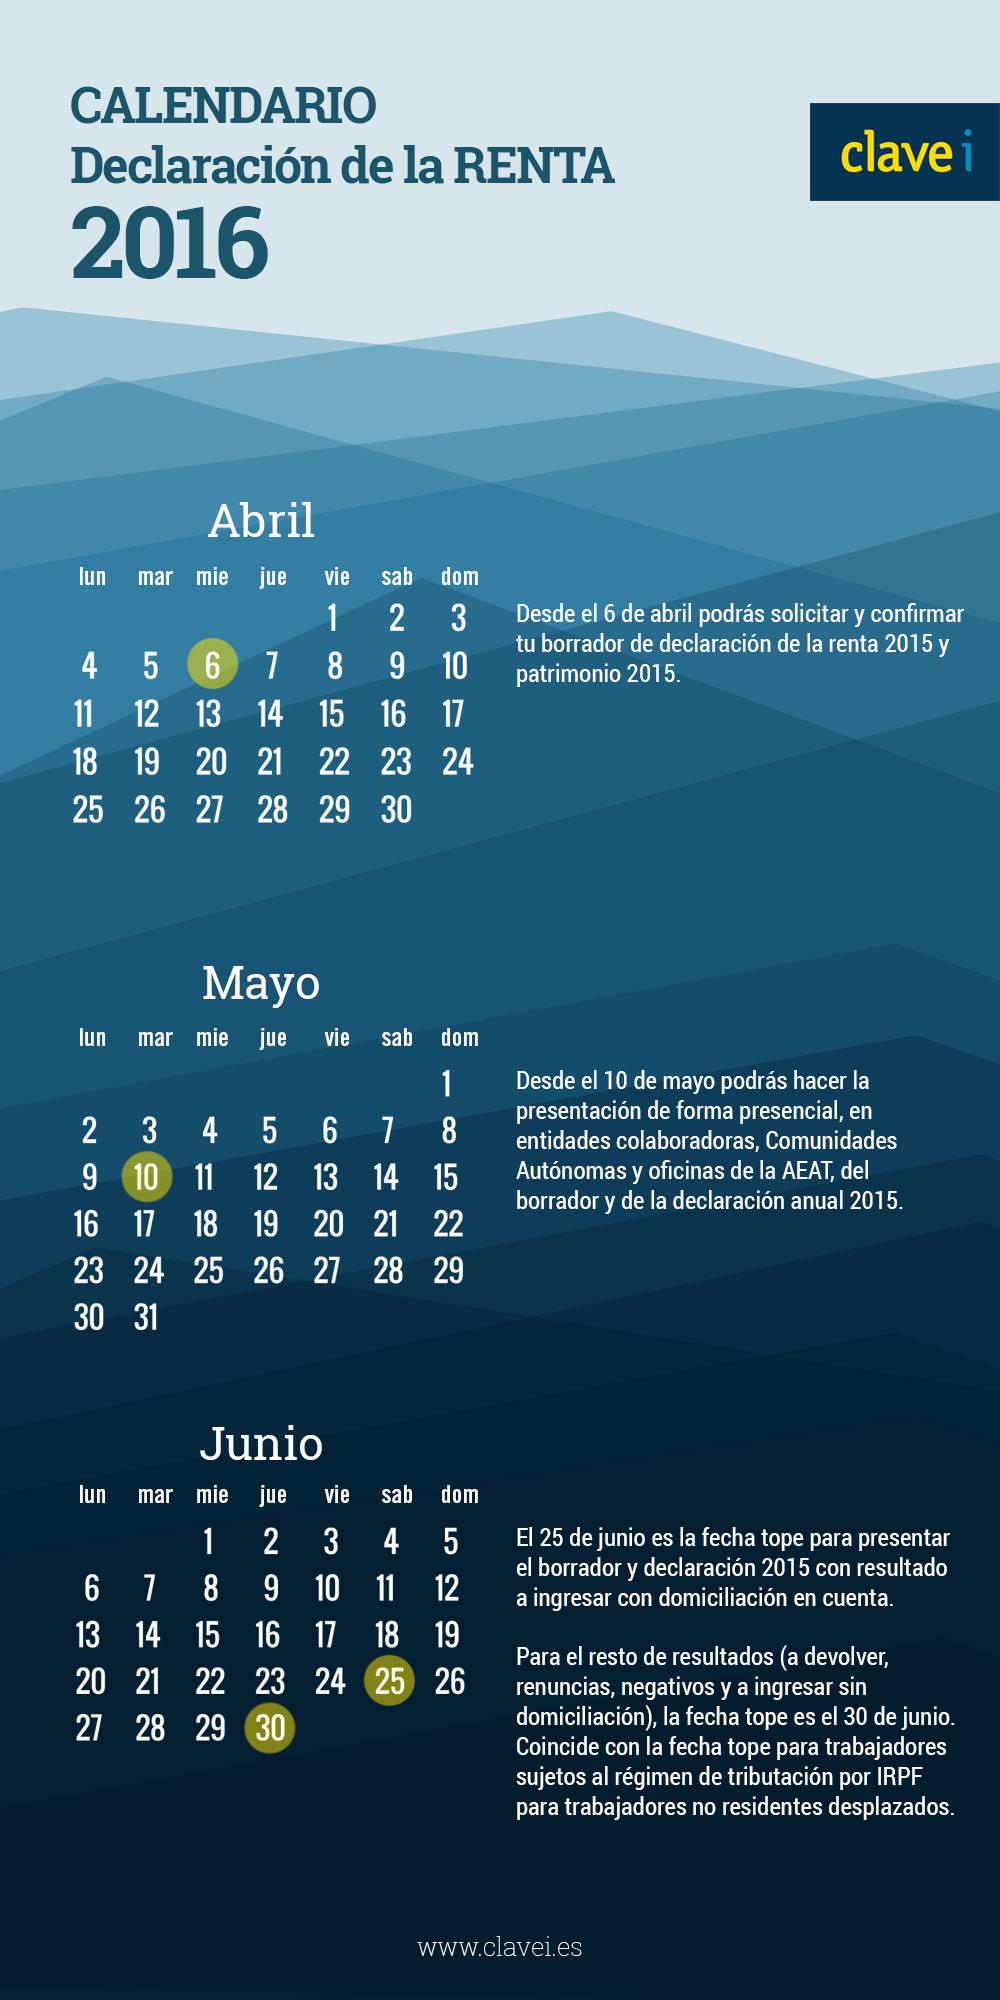 2016-declaracion-renta-2015-infografia